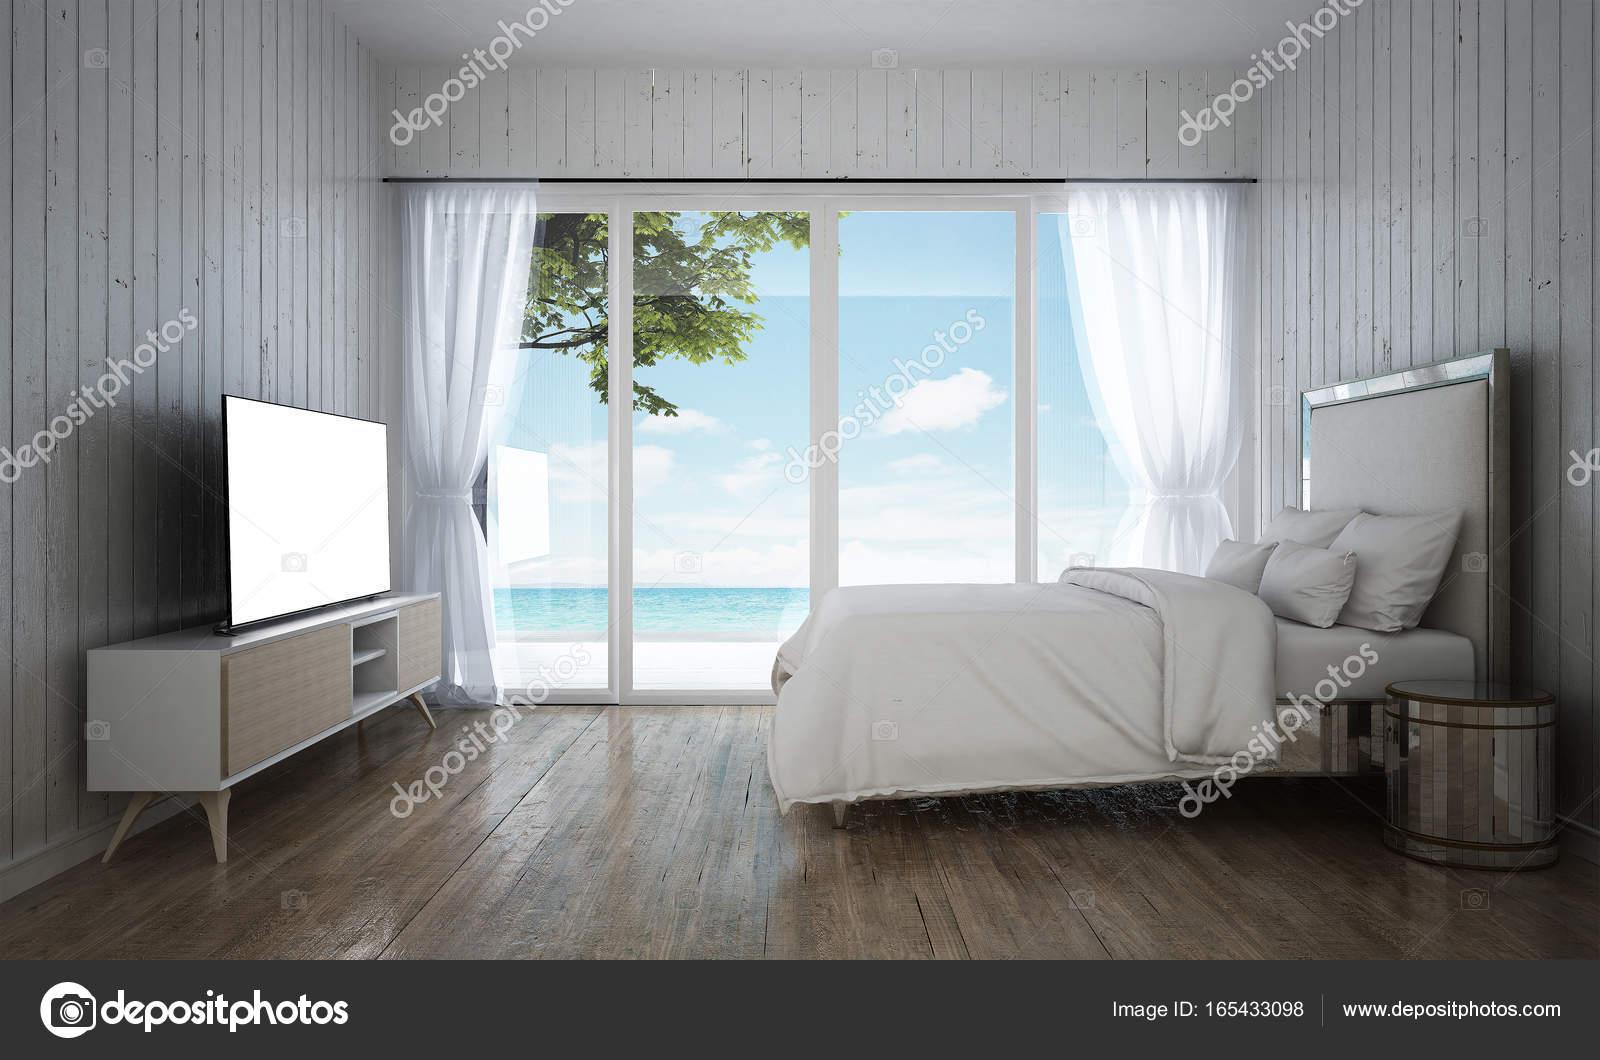 Die Weißen Luxus Schlafzimmer Innenarchitektur Und Holz Wand Hintergrund  Und Meerblick U2014 Stockfoto